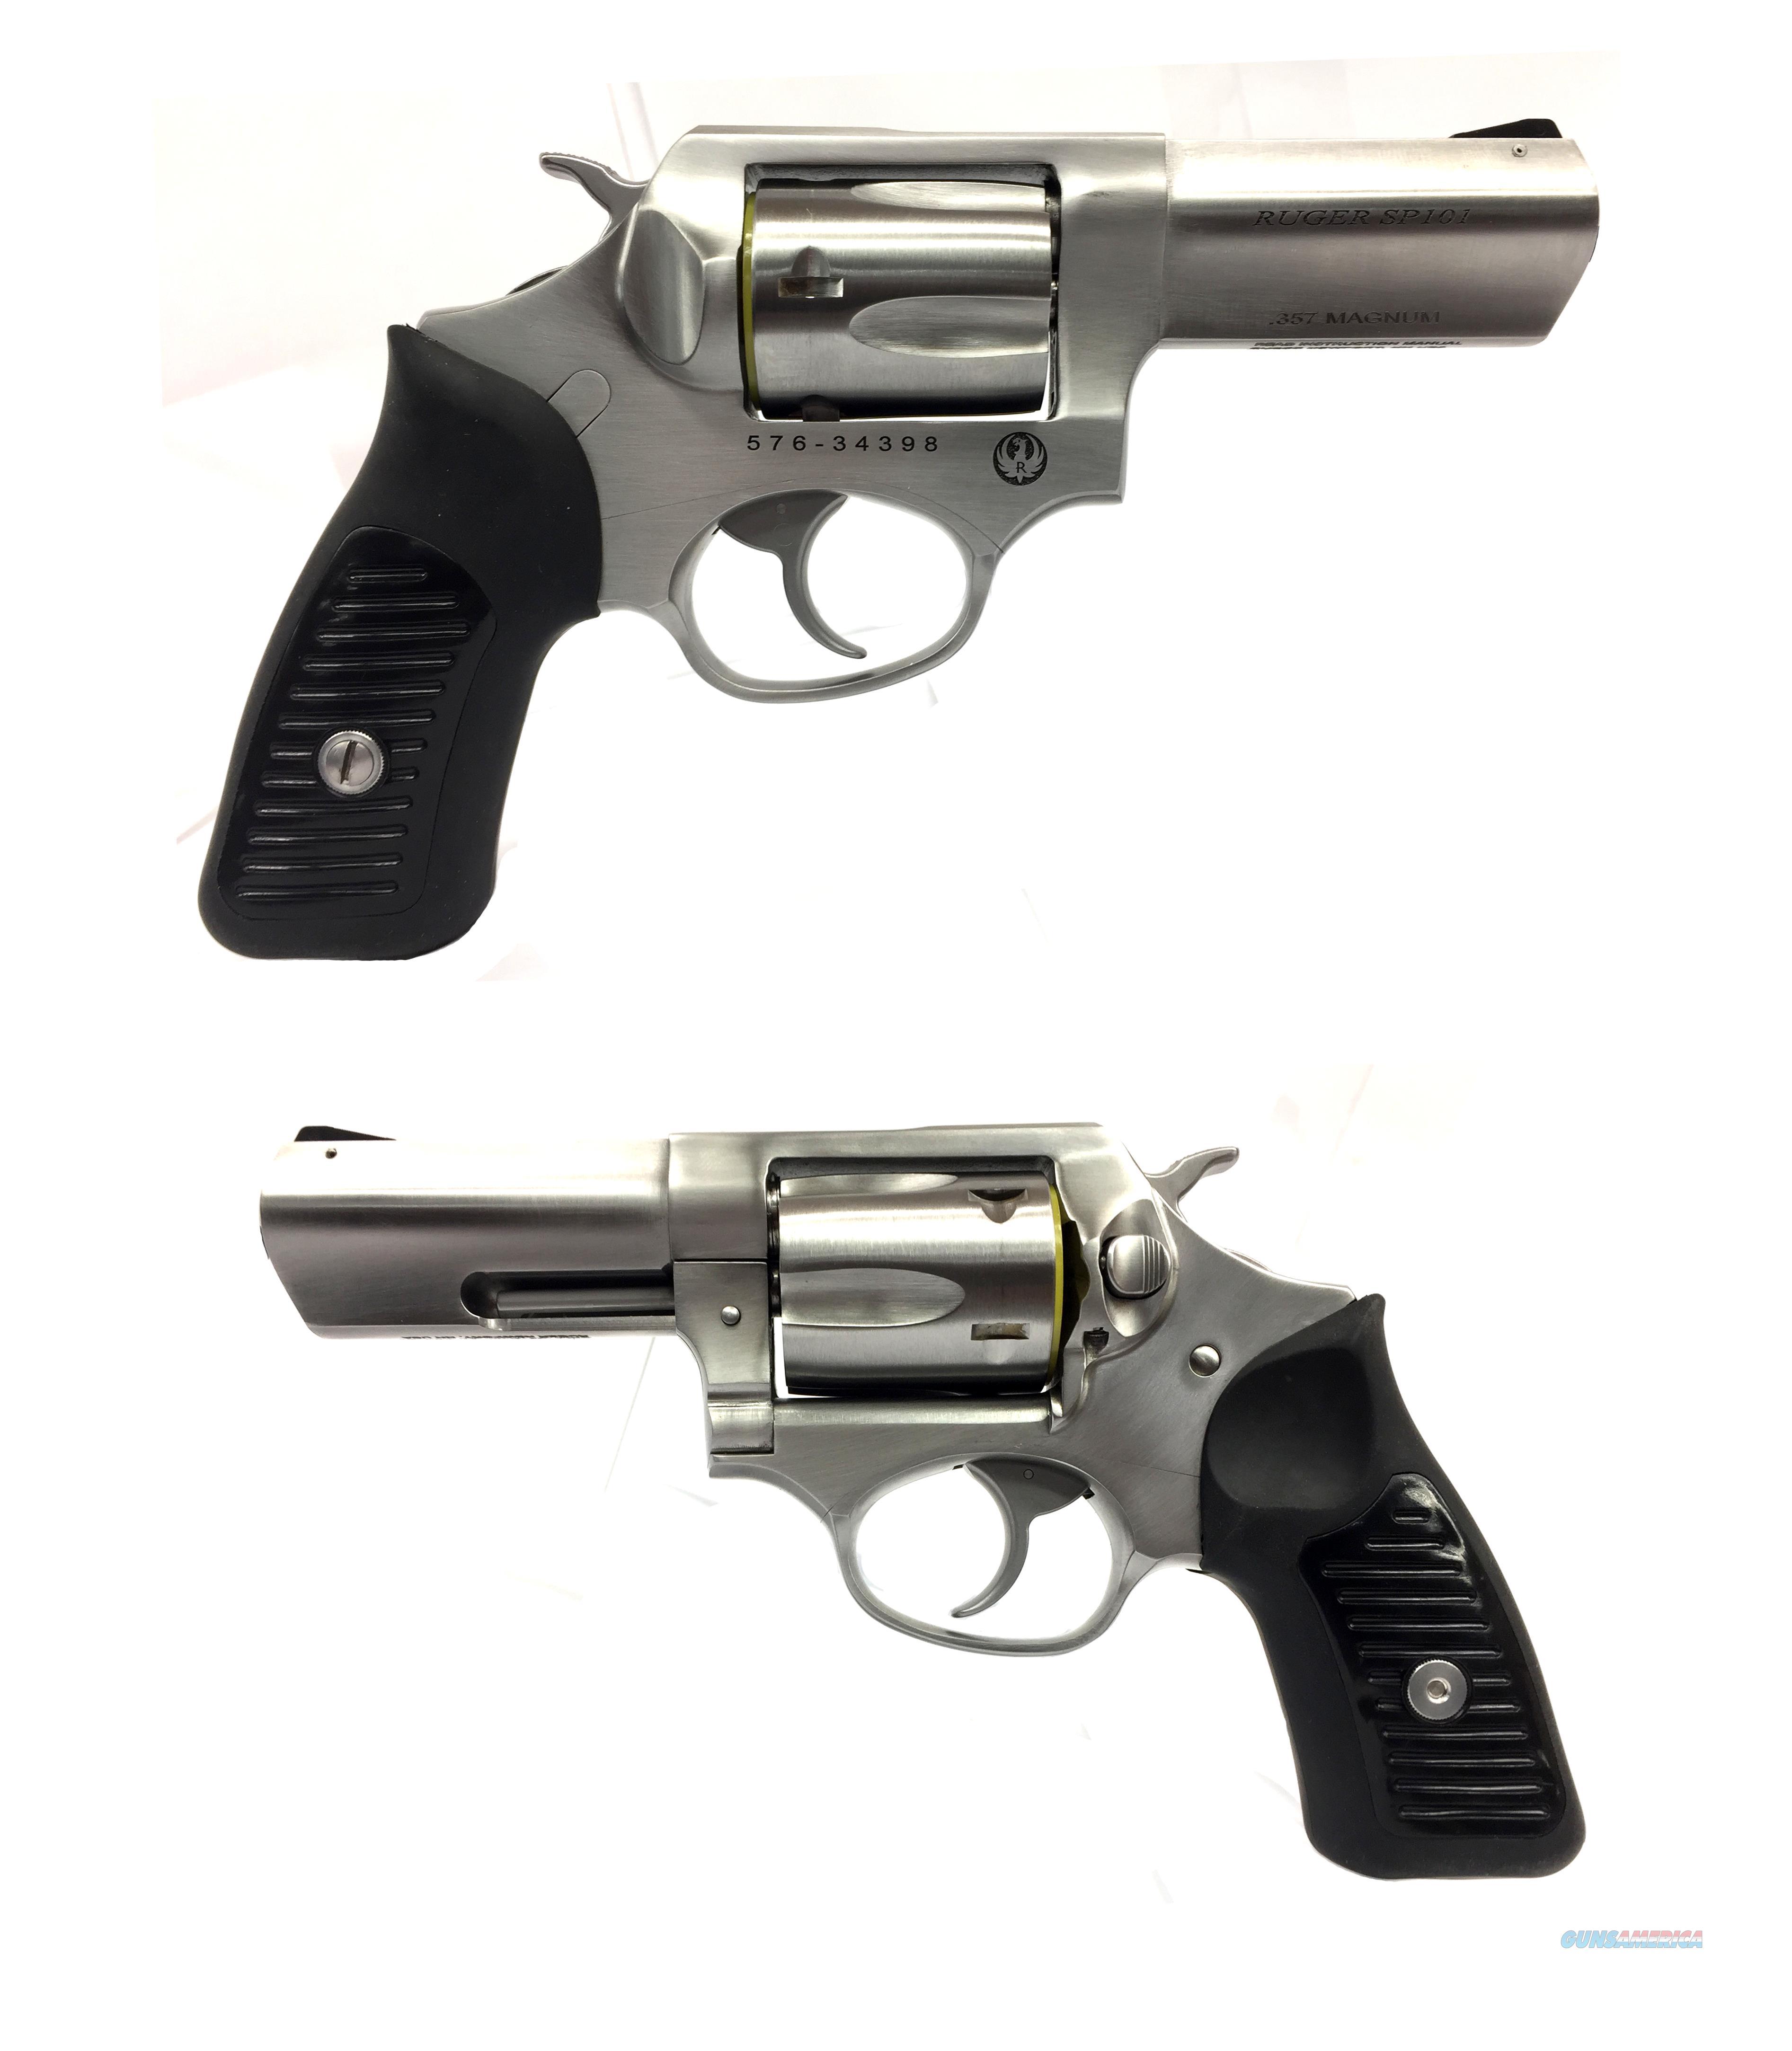 Ruger Model SP101 Revolver  Guns > Pistols > Ruger Double Action Revolver > SP101 Type